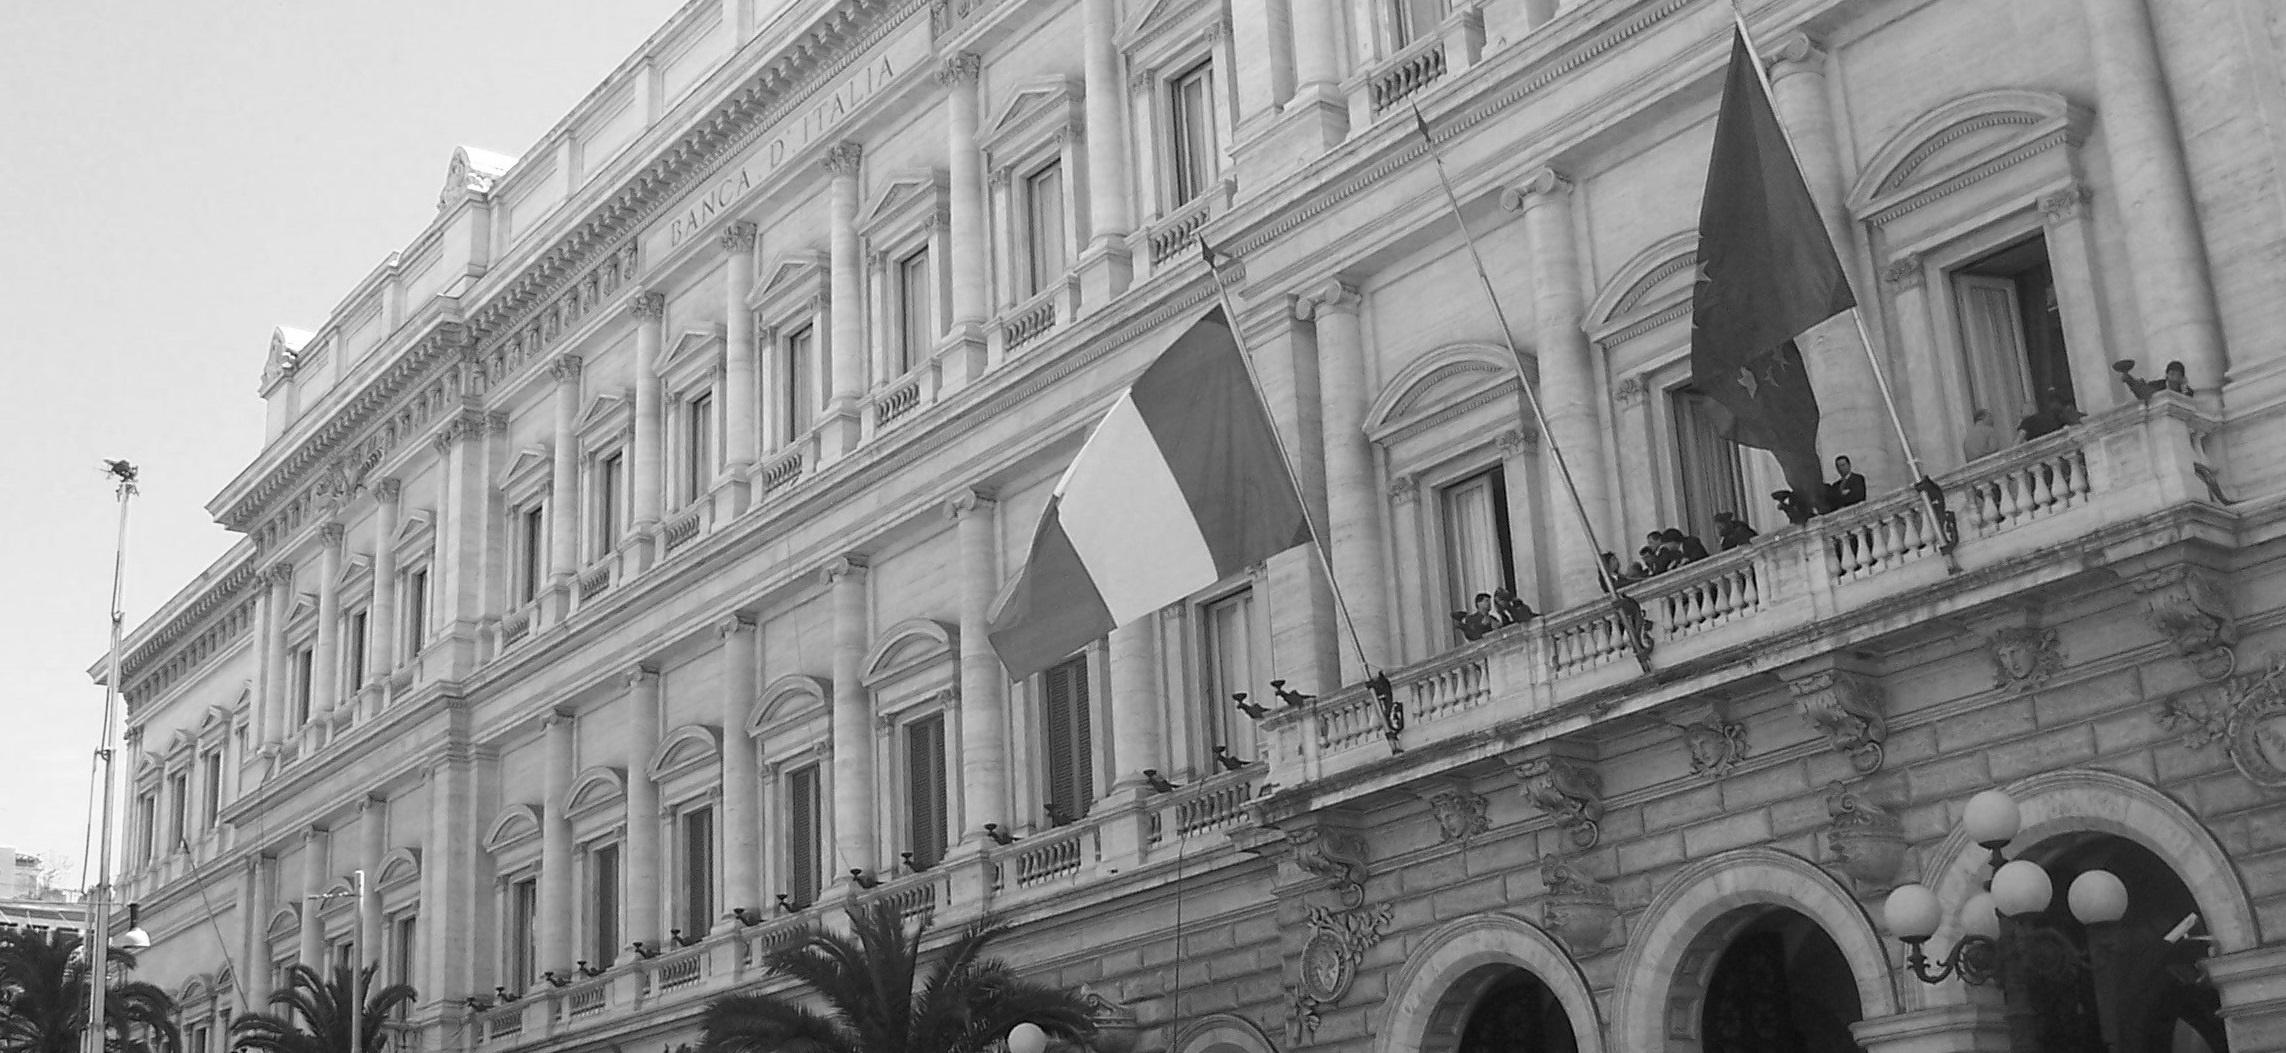 Newsalert - Banca d'Italia: Disposizioni di vigilanza per gli istituti di pagamento e gli istituti di moneta elettronica